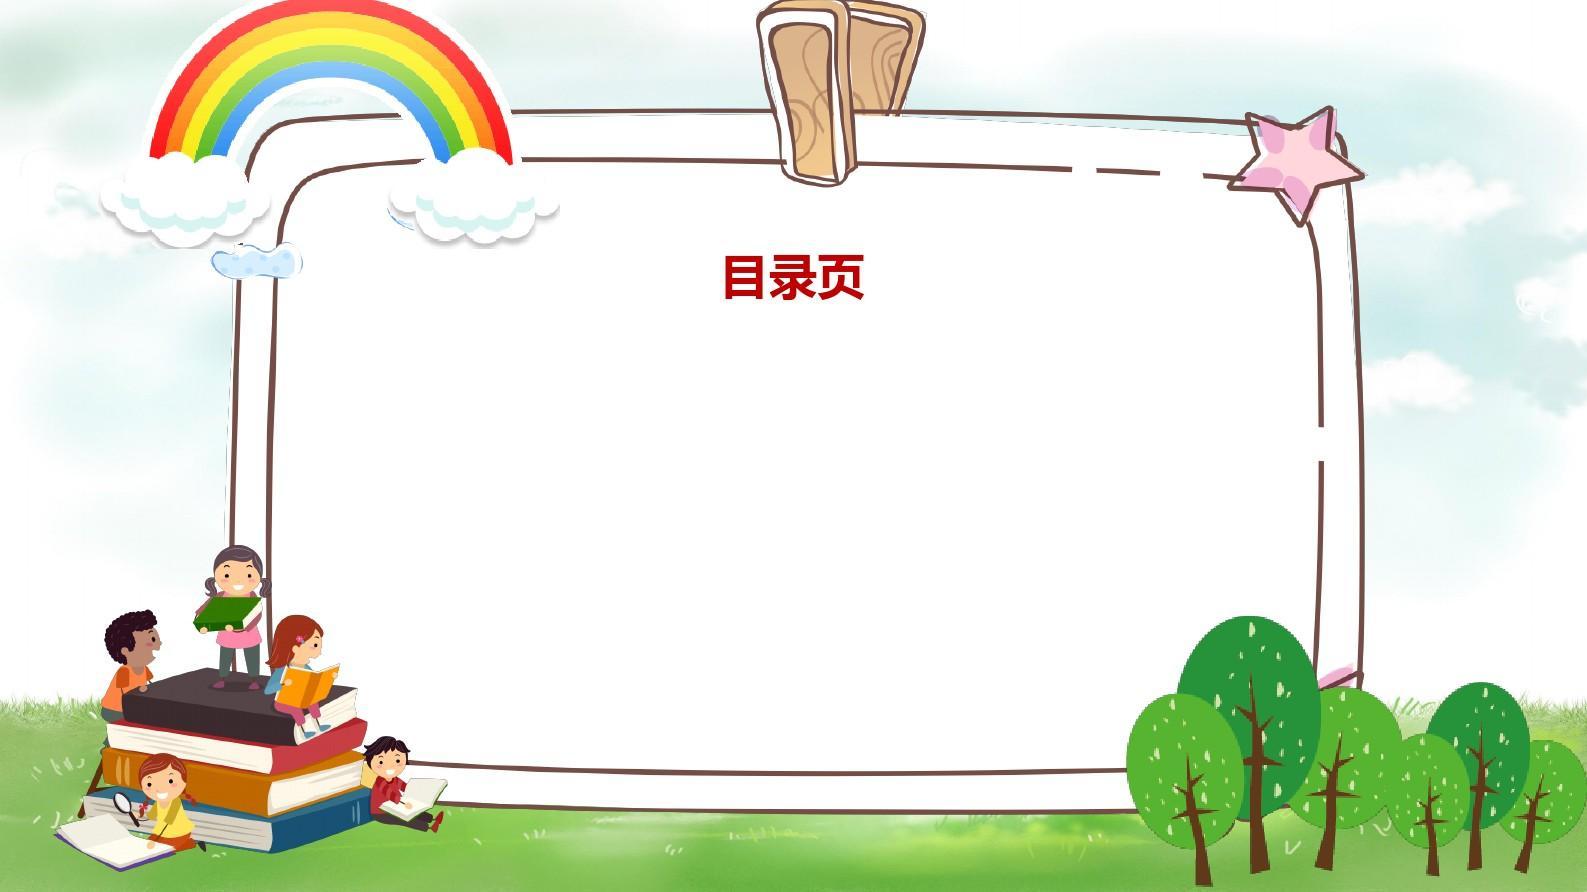 【精美ppt模版】小学生竞选班干部自我介绍ppt背景图片